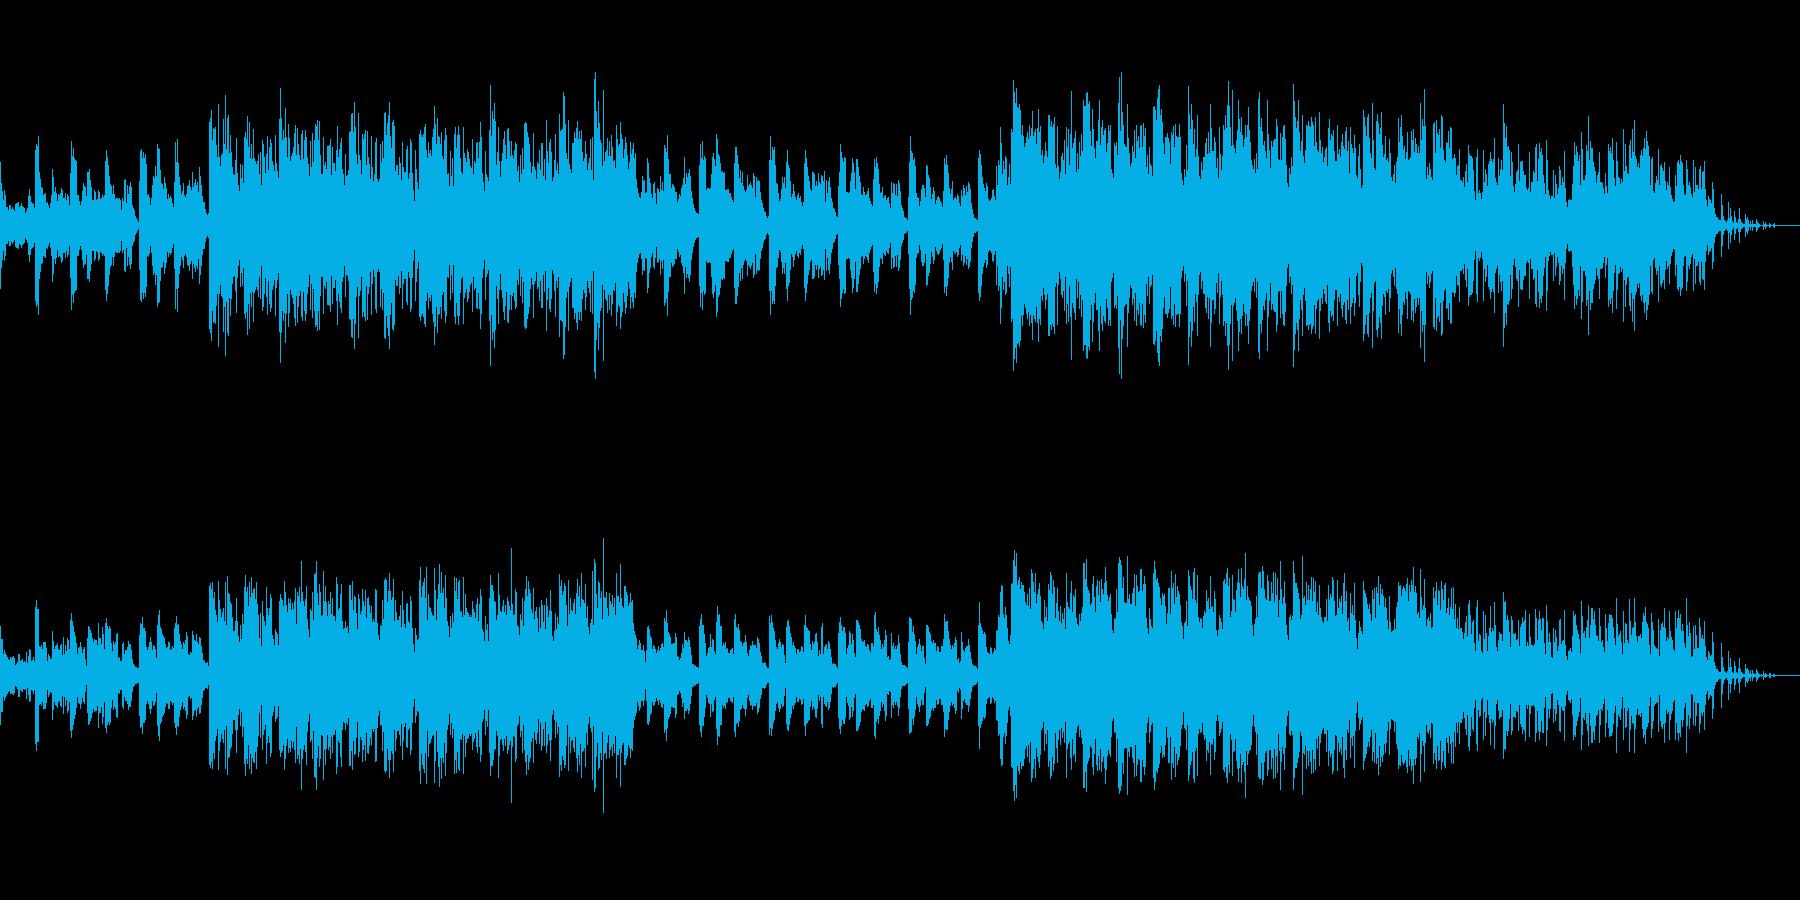 波に揺られるような幻想的なバラードの再生済みの波形